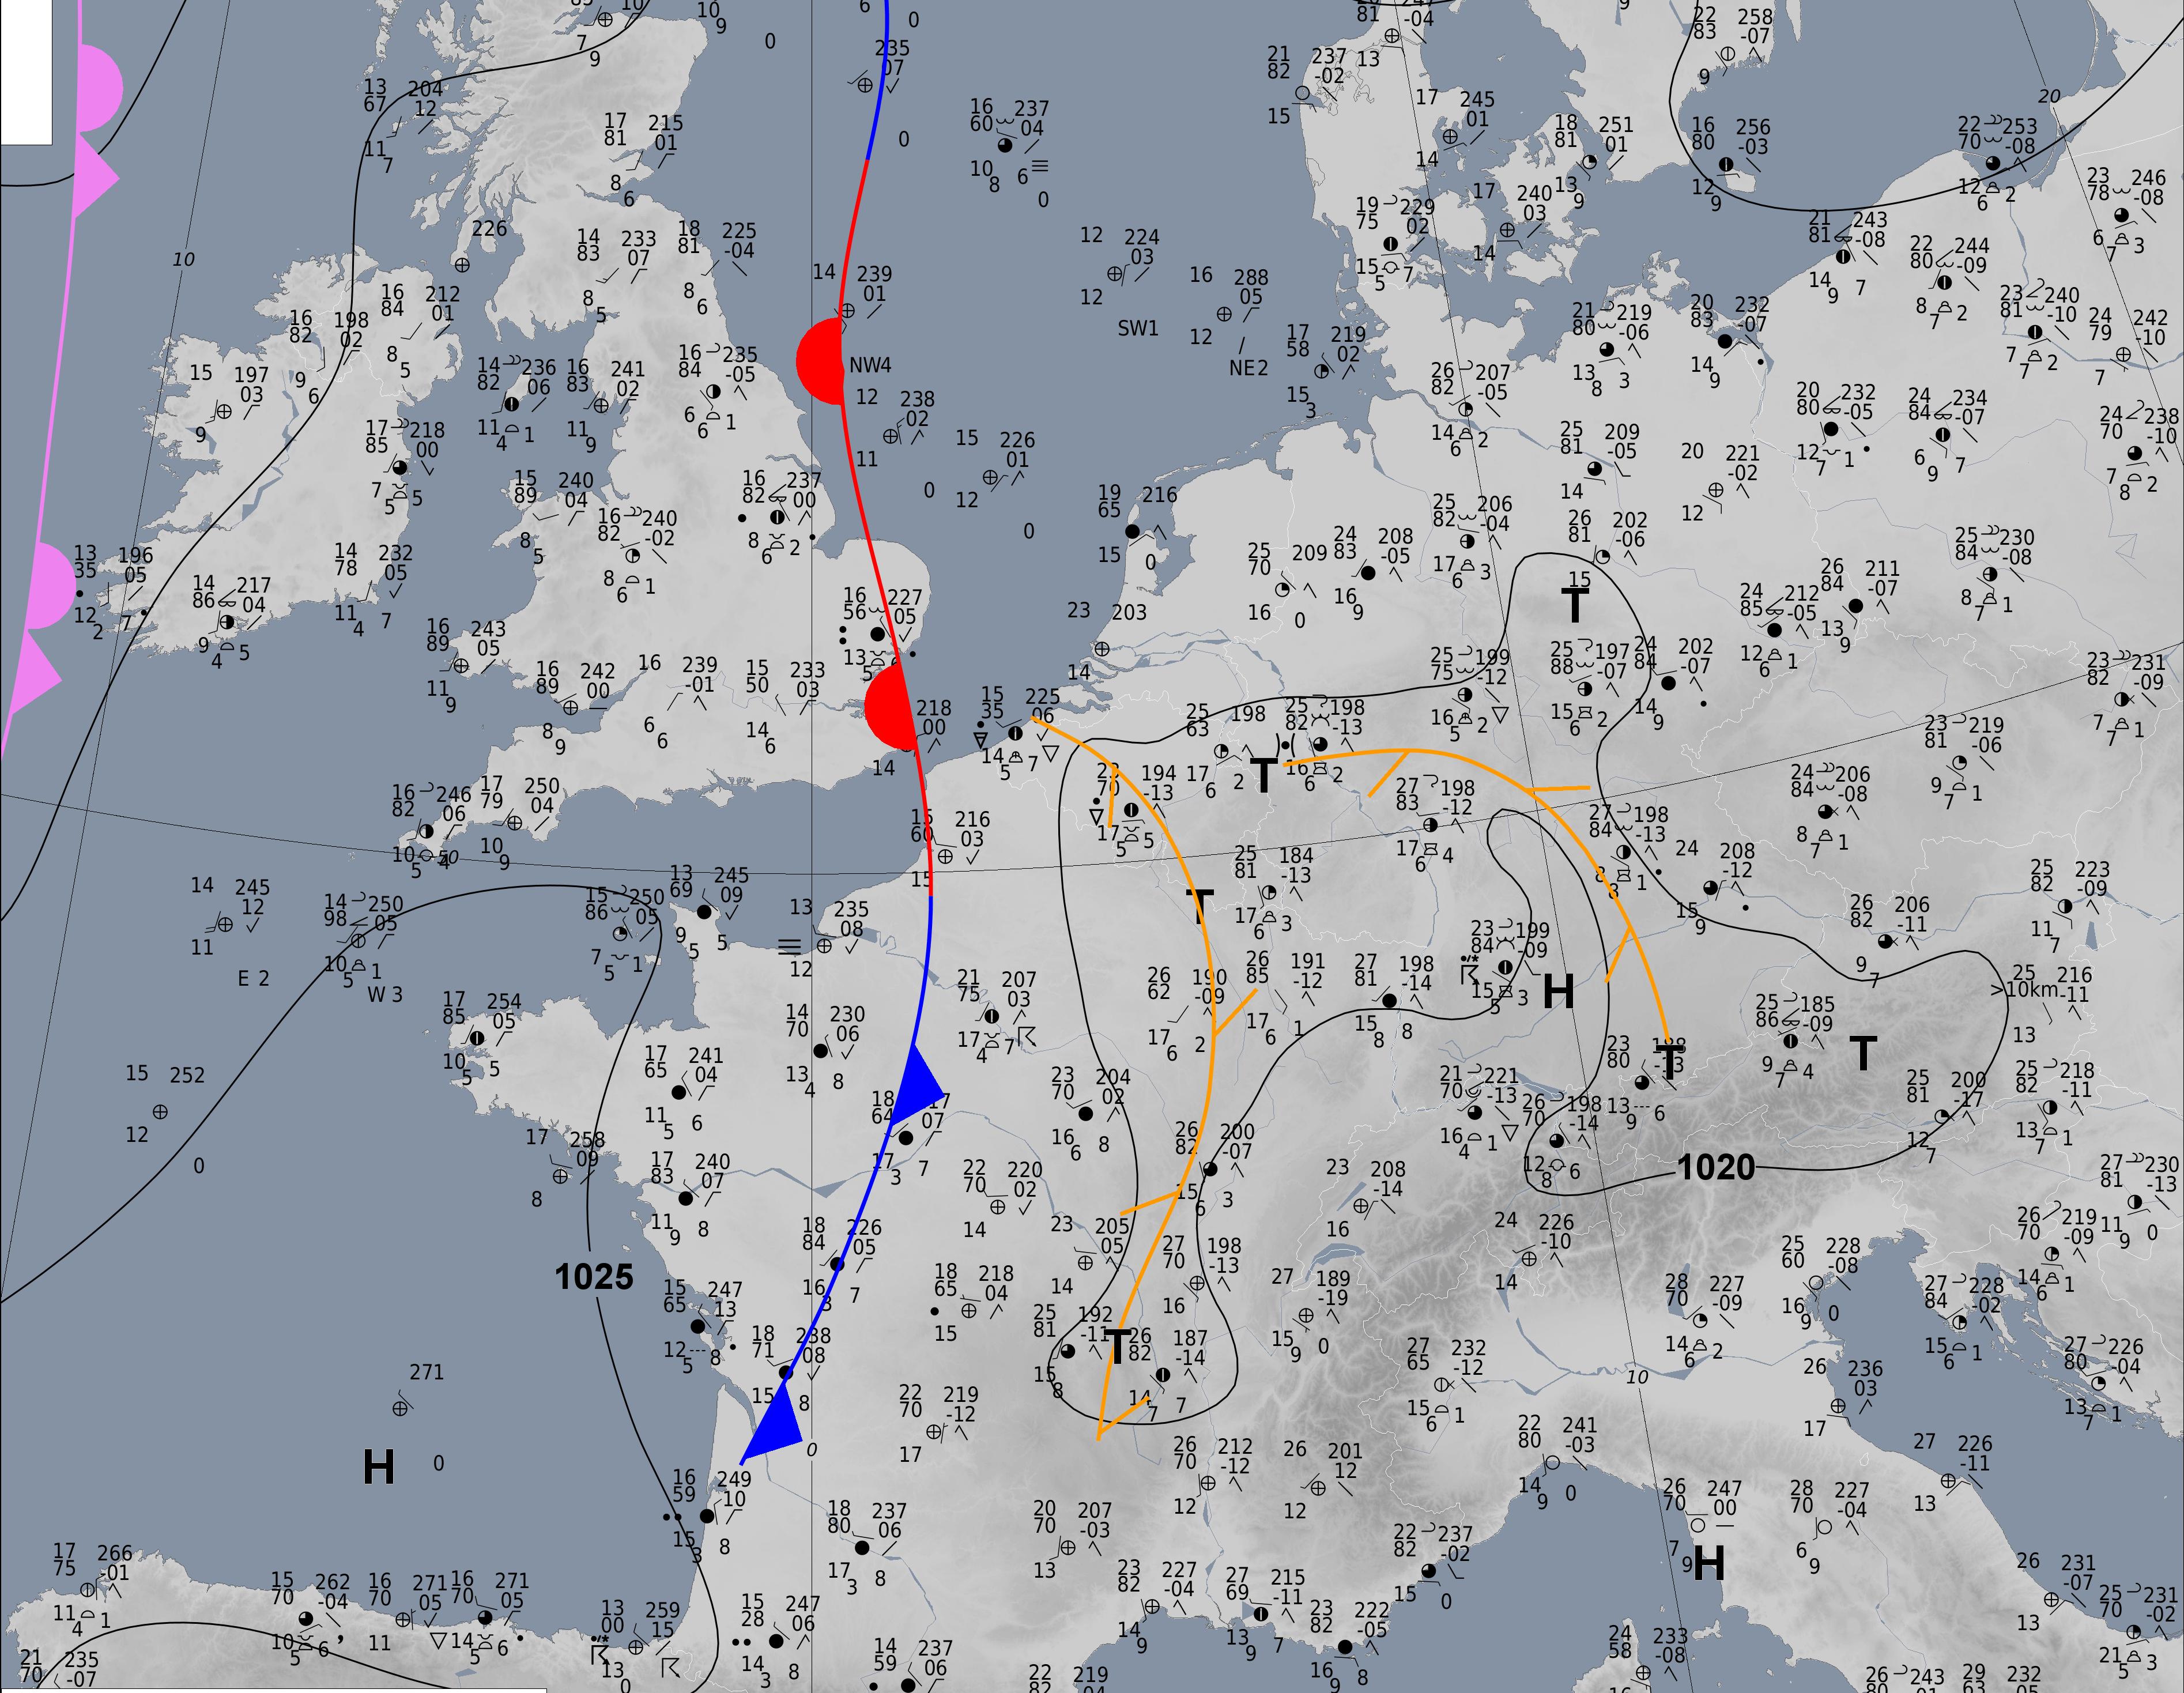 Analyse de surface du 4 juin 2021 14h00. Source : DWD